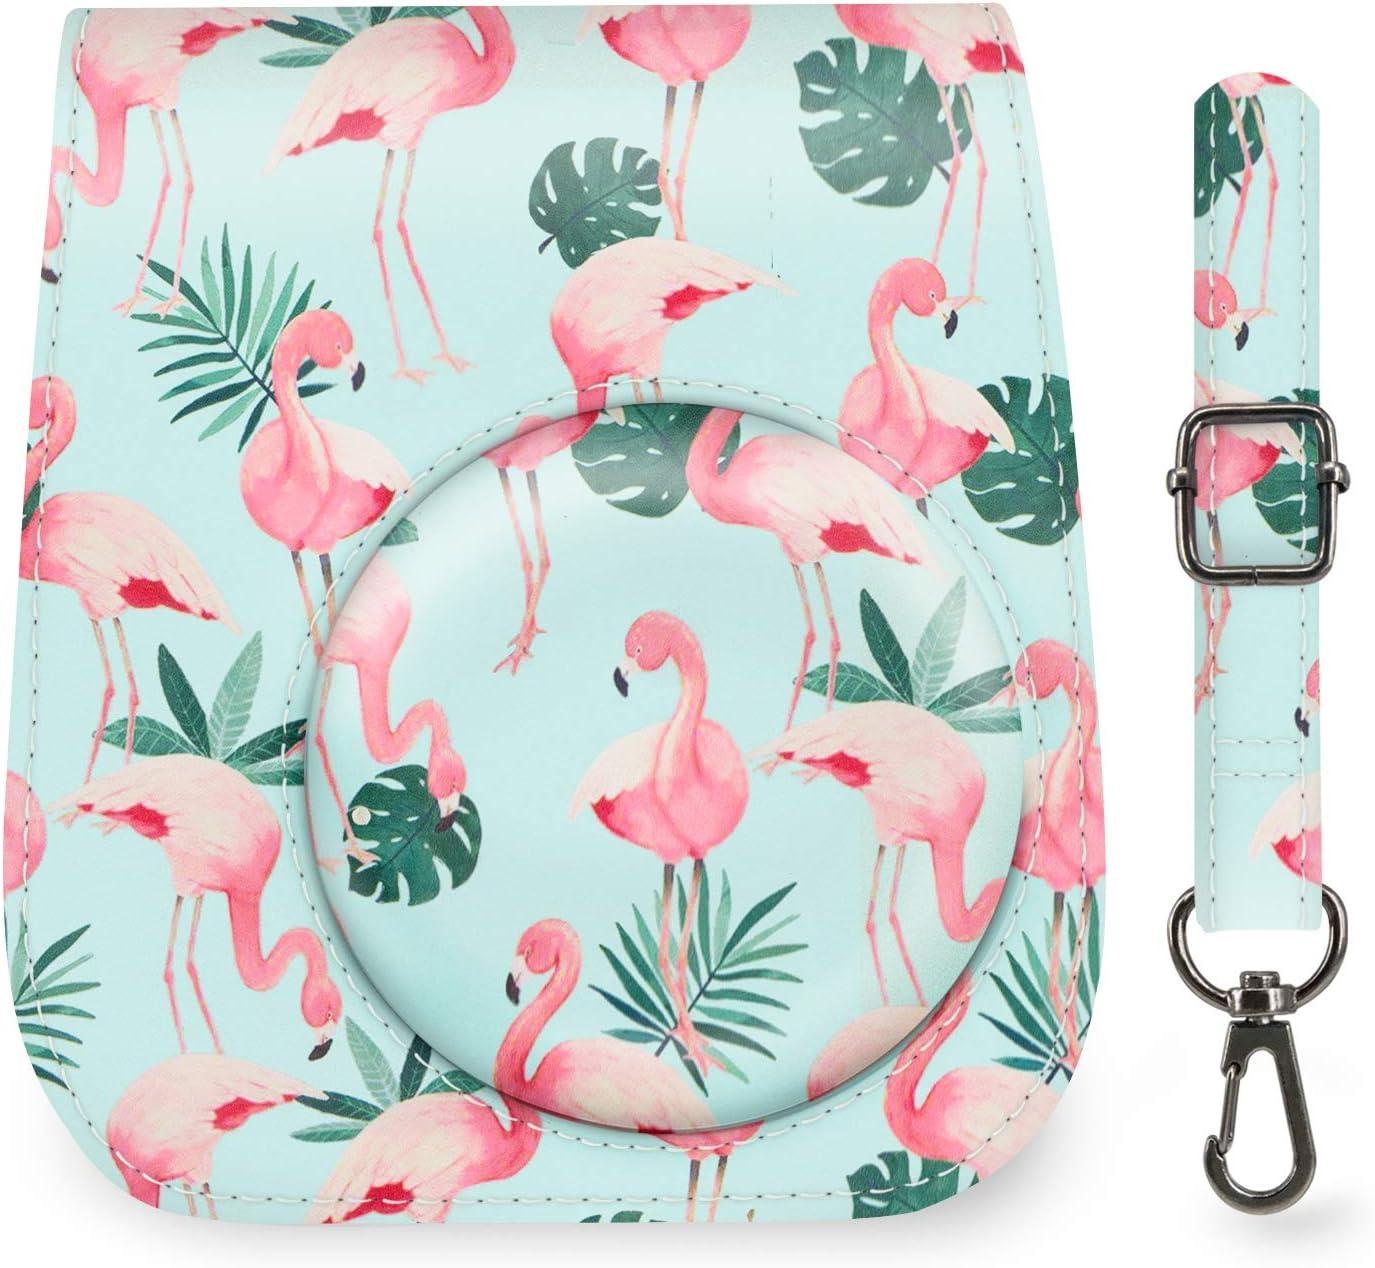 Elvam Camera Special price Case Bag Purse Compatible with Fujifilm Mesa Mall Mini 11 Min